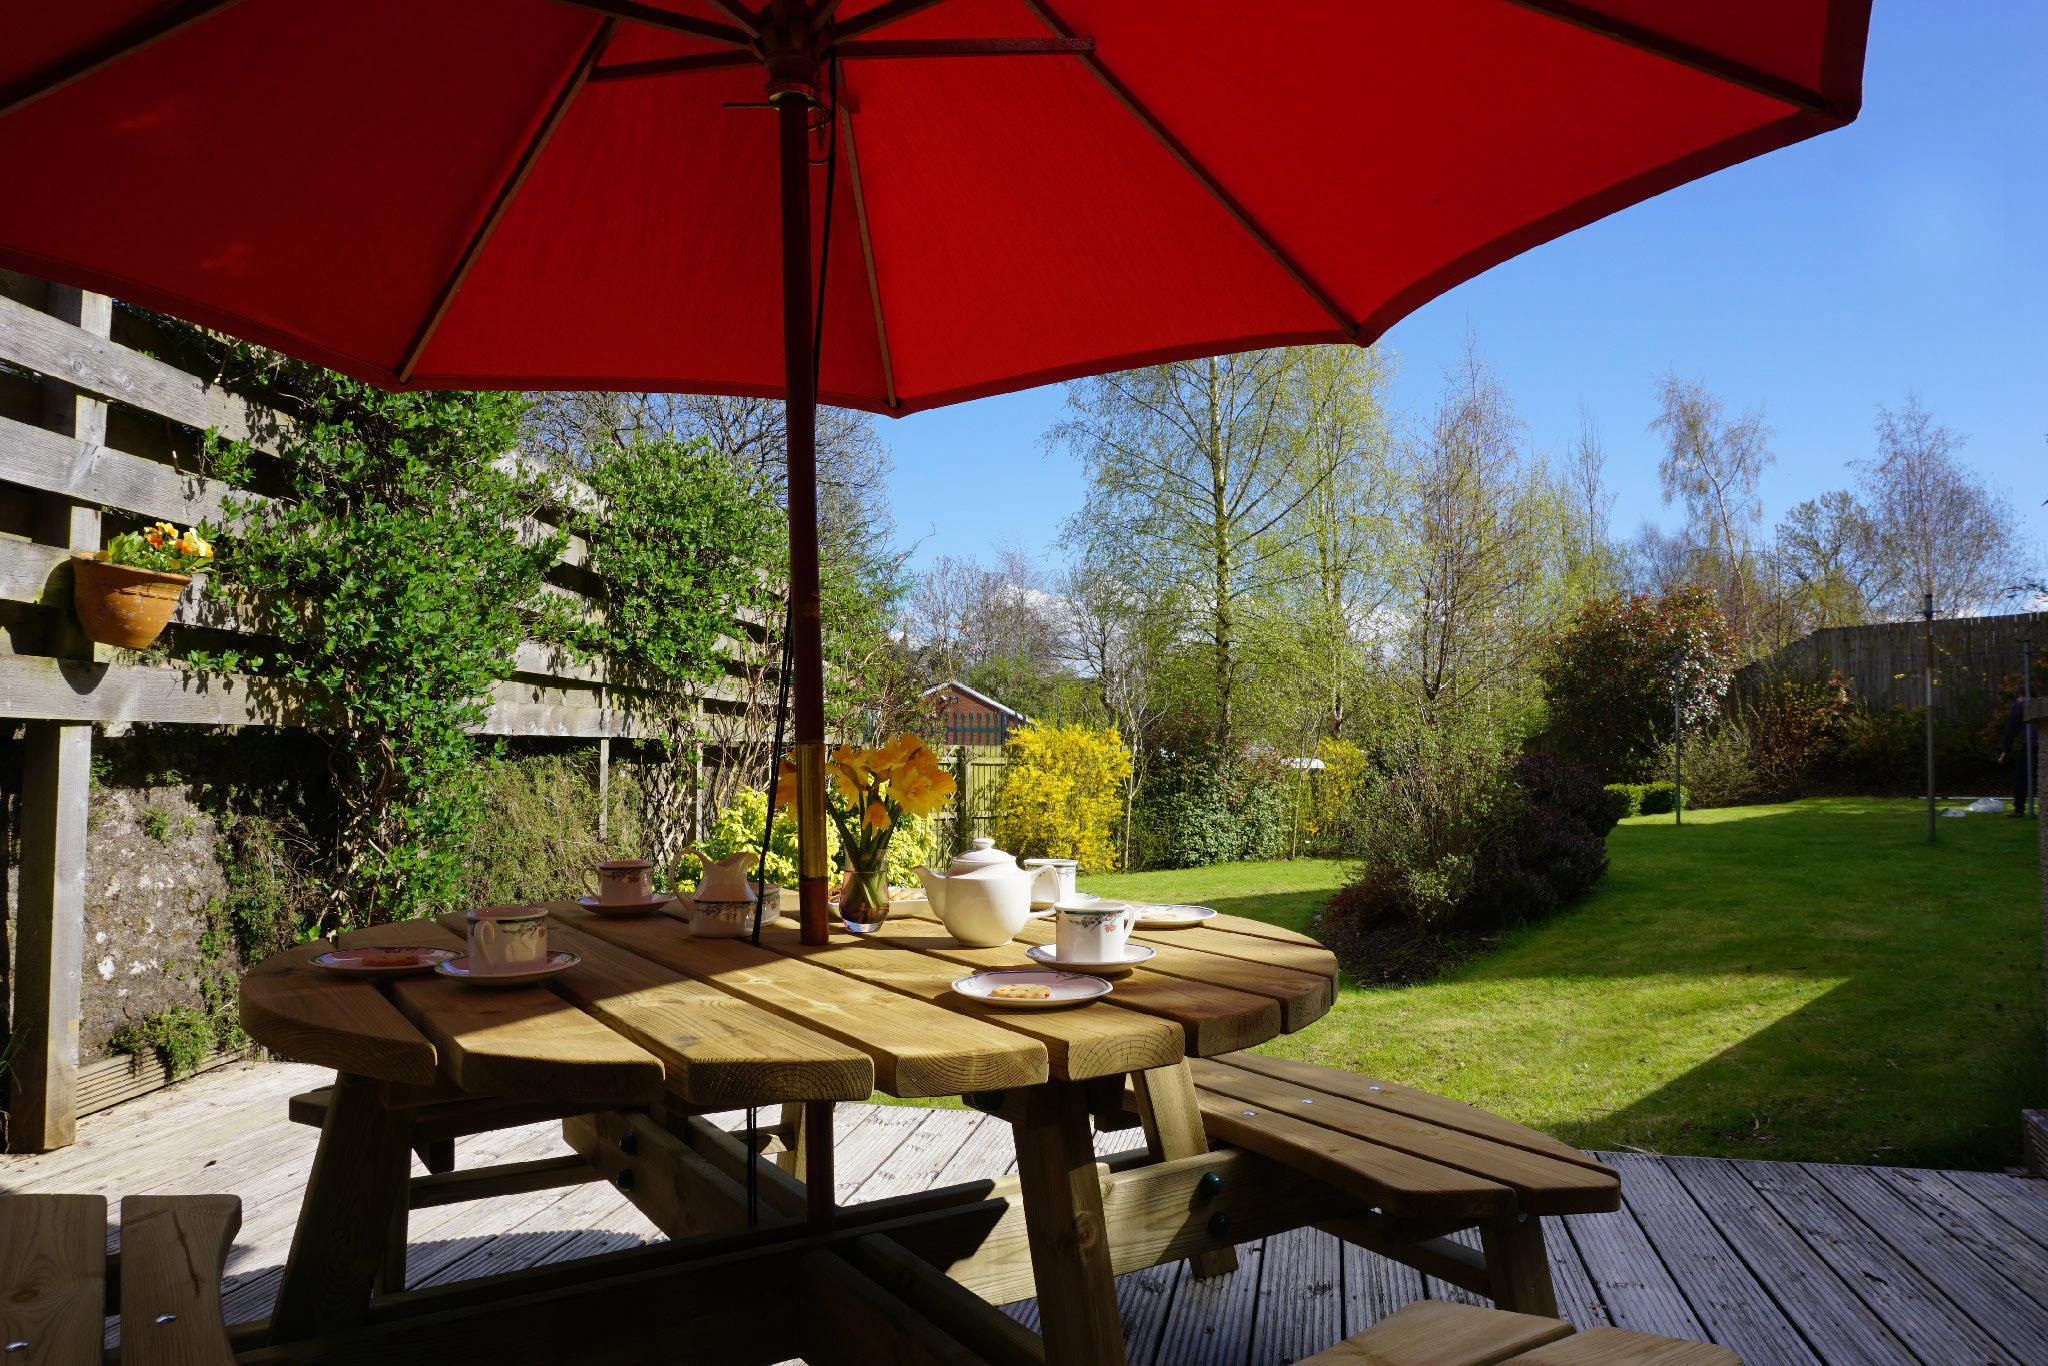 The_Hoolet_Crieff-Garden_Deck-1.jpg